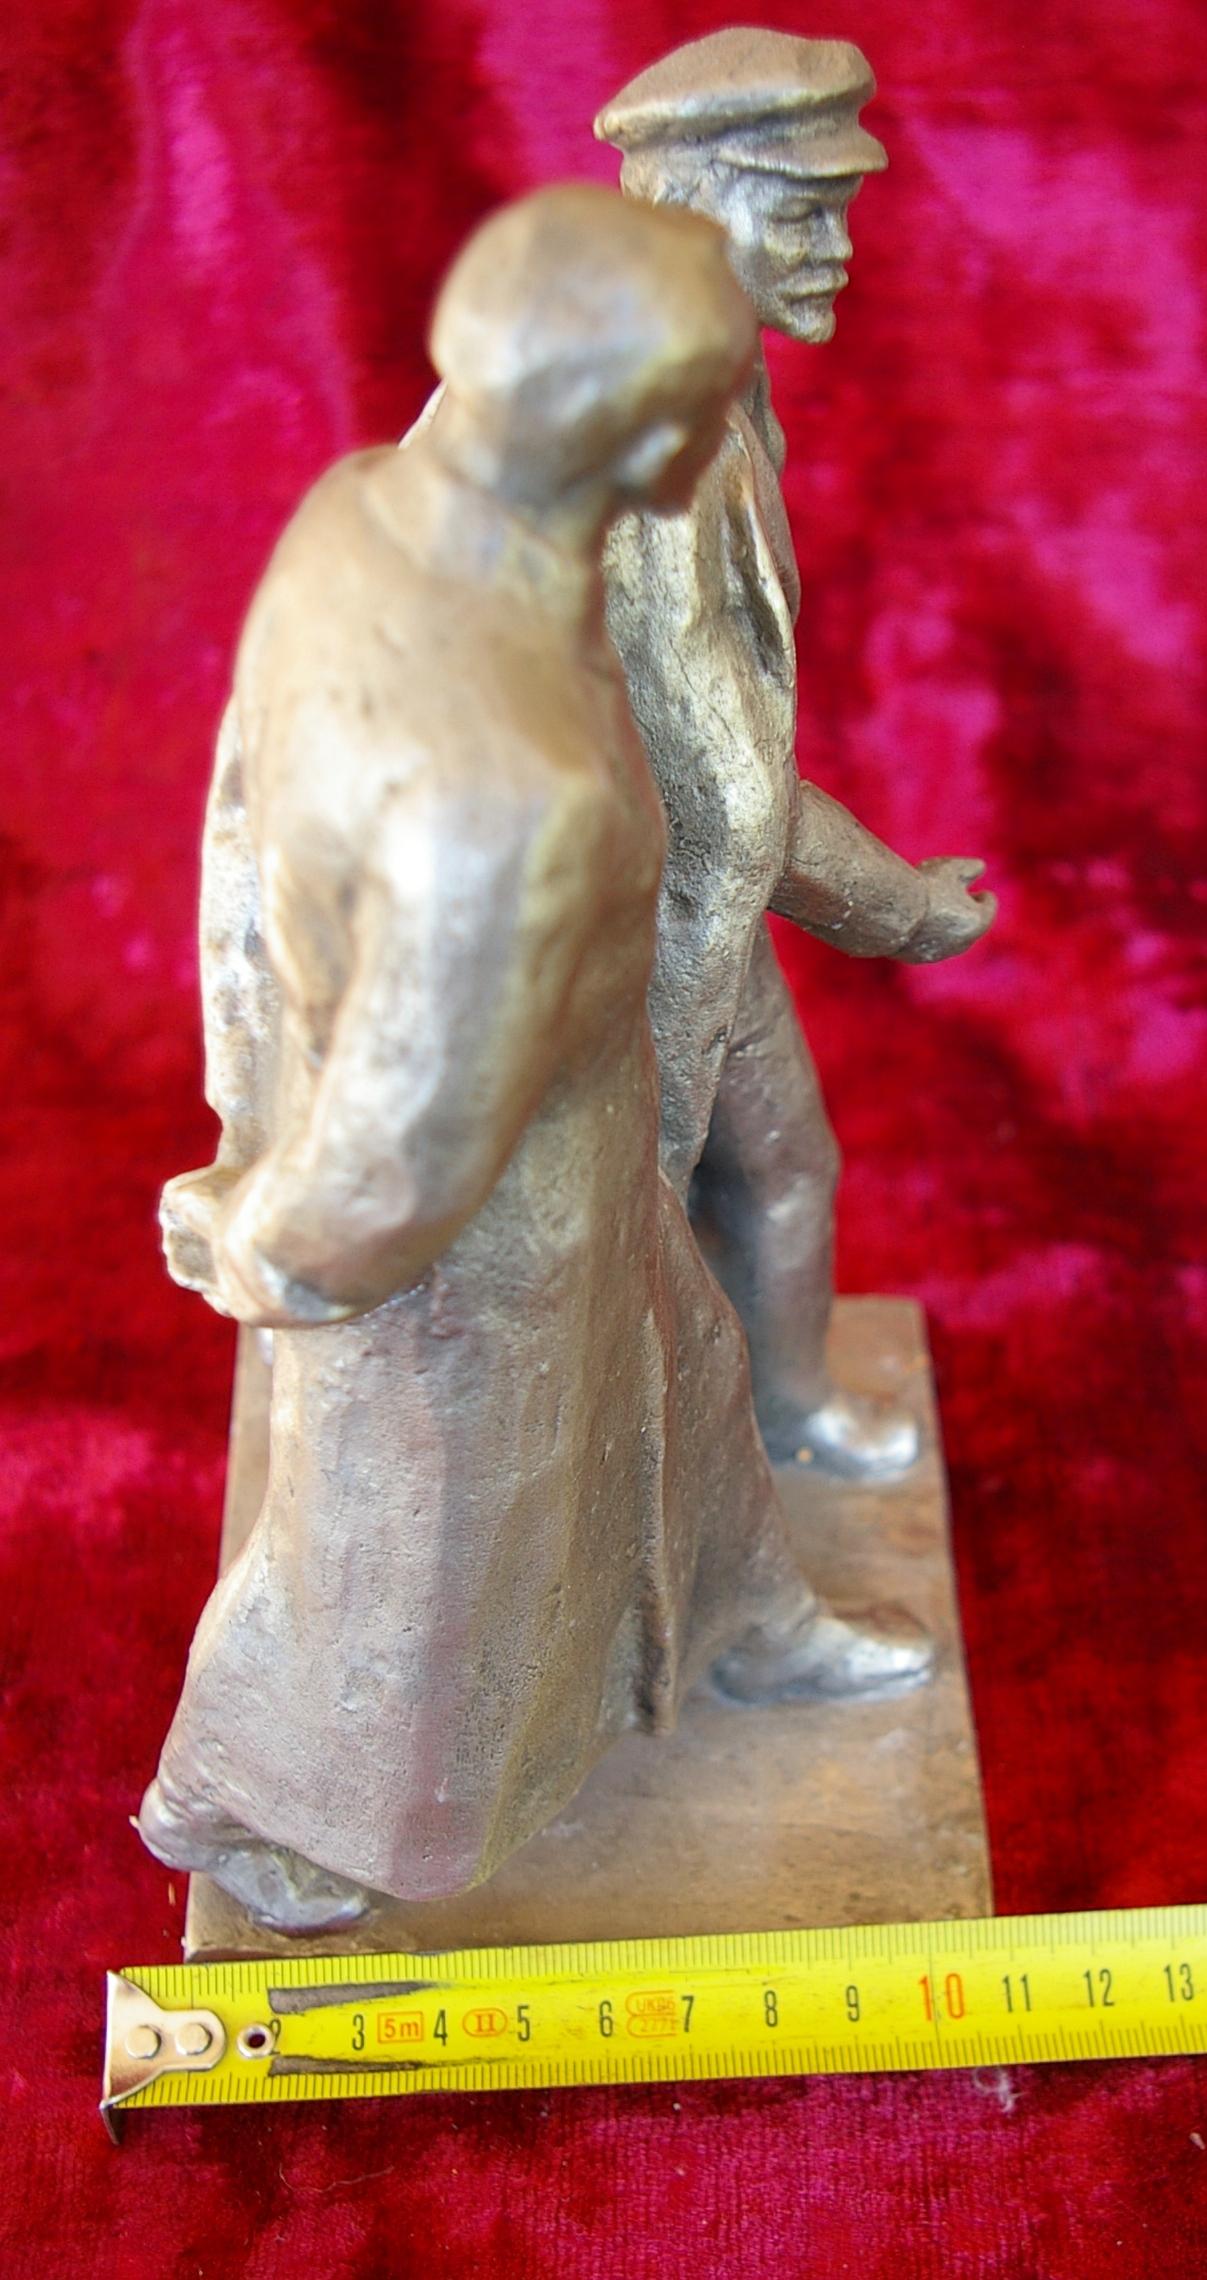 Скульптура Ленин с Дзержинским, материал метал, высота 23 см.,ширина 11 см., длина 11 см. - 7